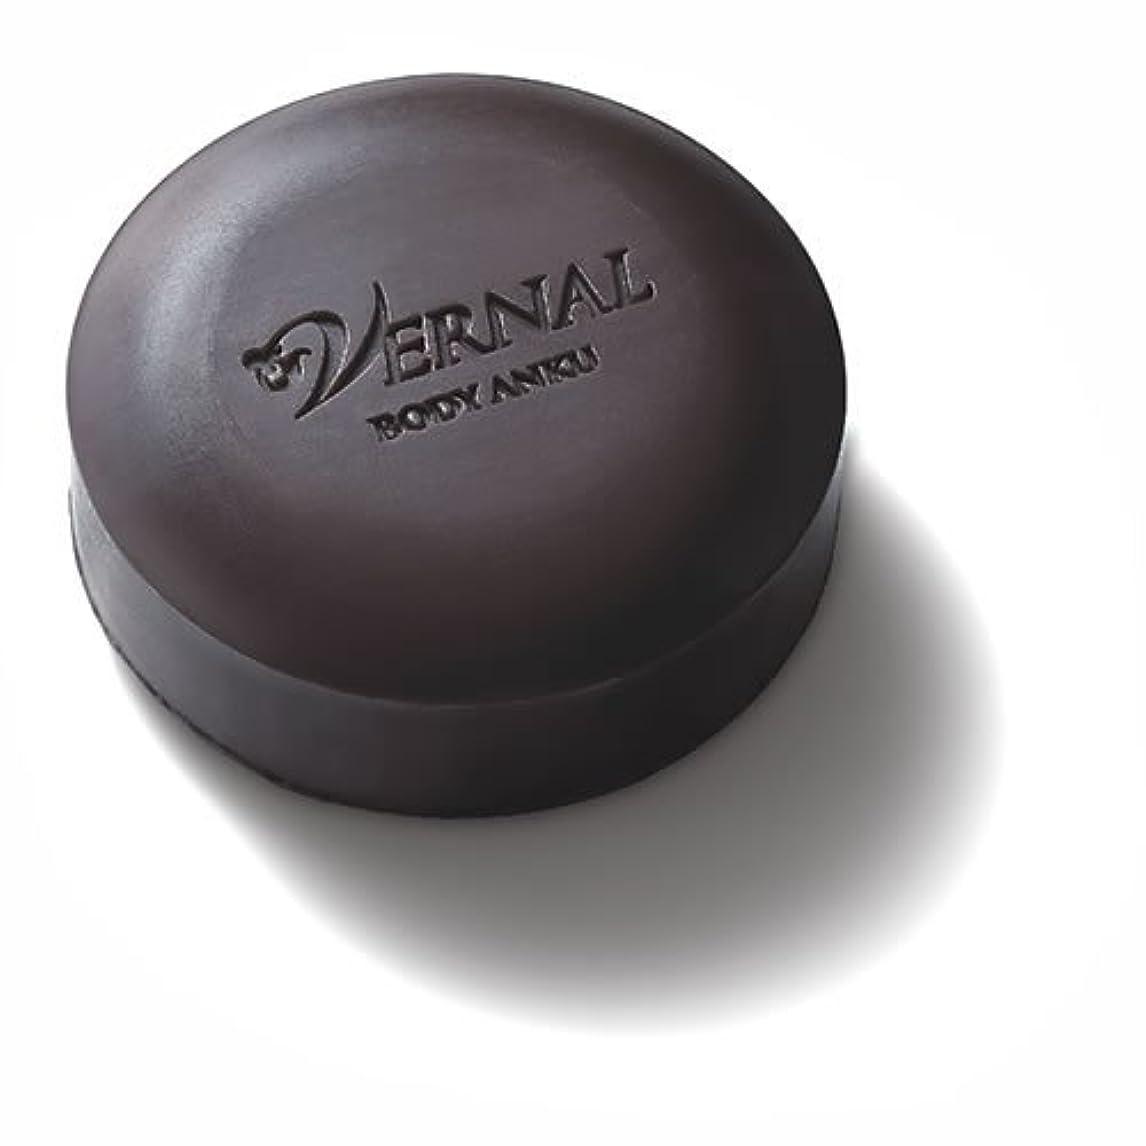 マイナー熟達した戦略ボディアンク/ヴァーナル ボディ用 石鹸 デオドラント